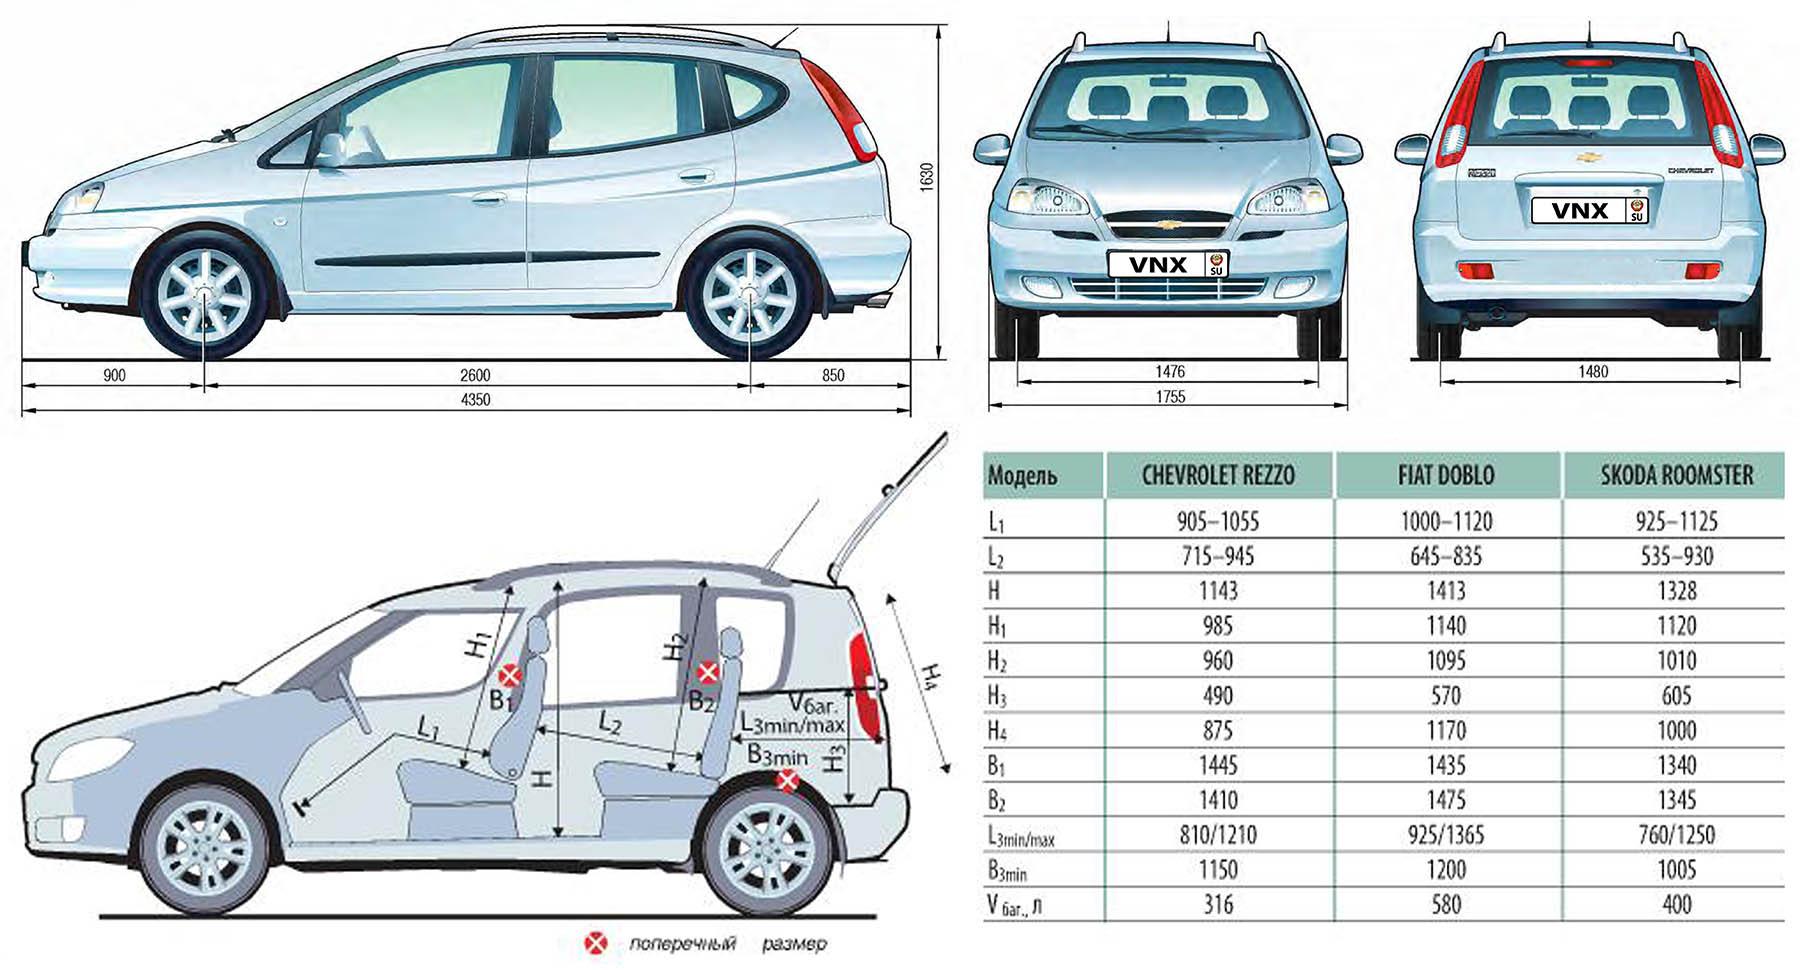 Замена амортизаторов на Fiat Stilo 1,2 - Список форумов